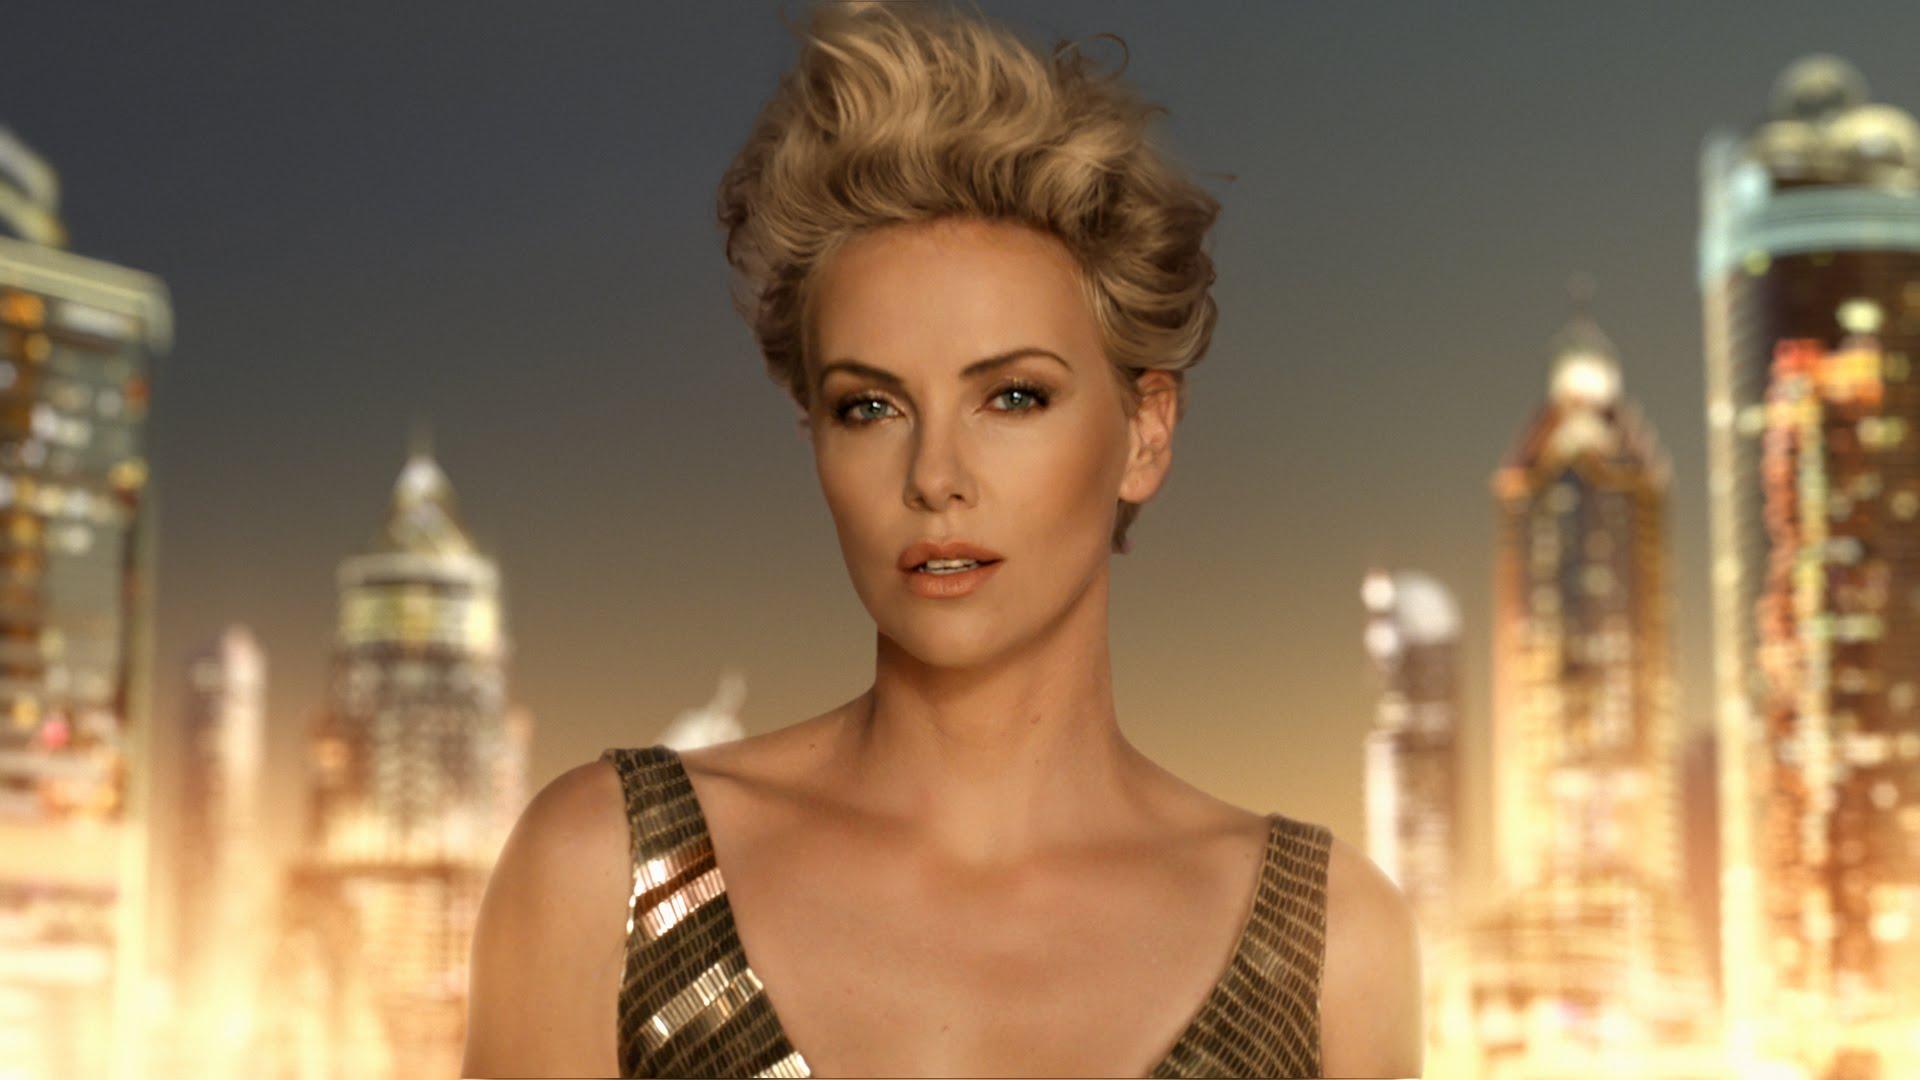 Corto y masculino: el nuevo corte de pelo para la mujer del 2021